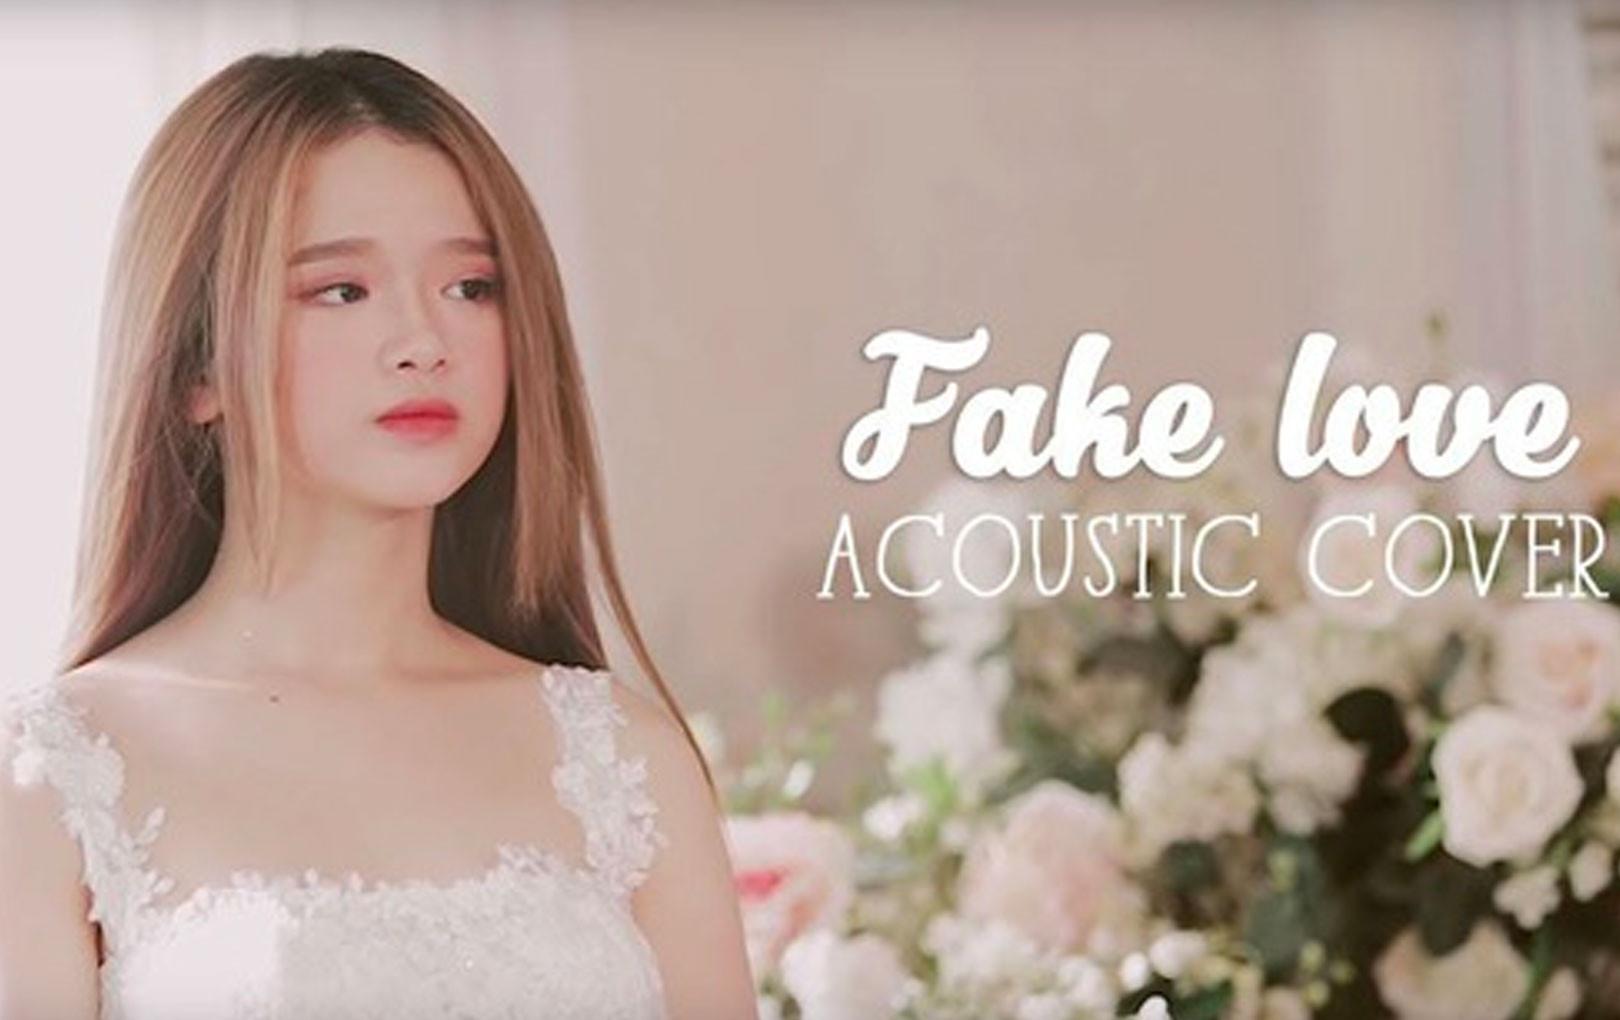 'Fake Love' (BTS) của Linh Ka đột nhiên biến mất khỏi Youtube, vị trí No.1 Top 10 MV bị dislike nhiều nhất Vpop đã đổi chủ